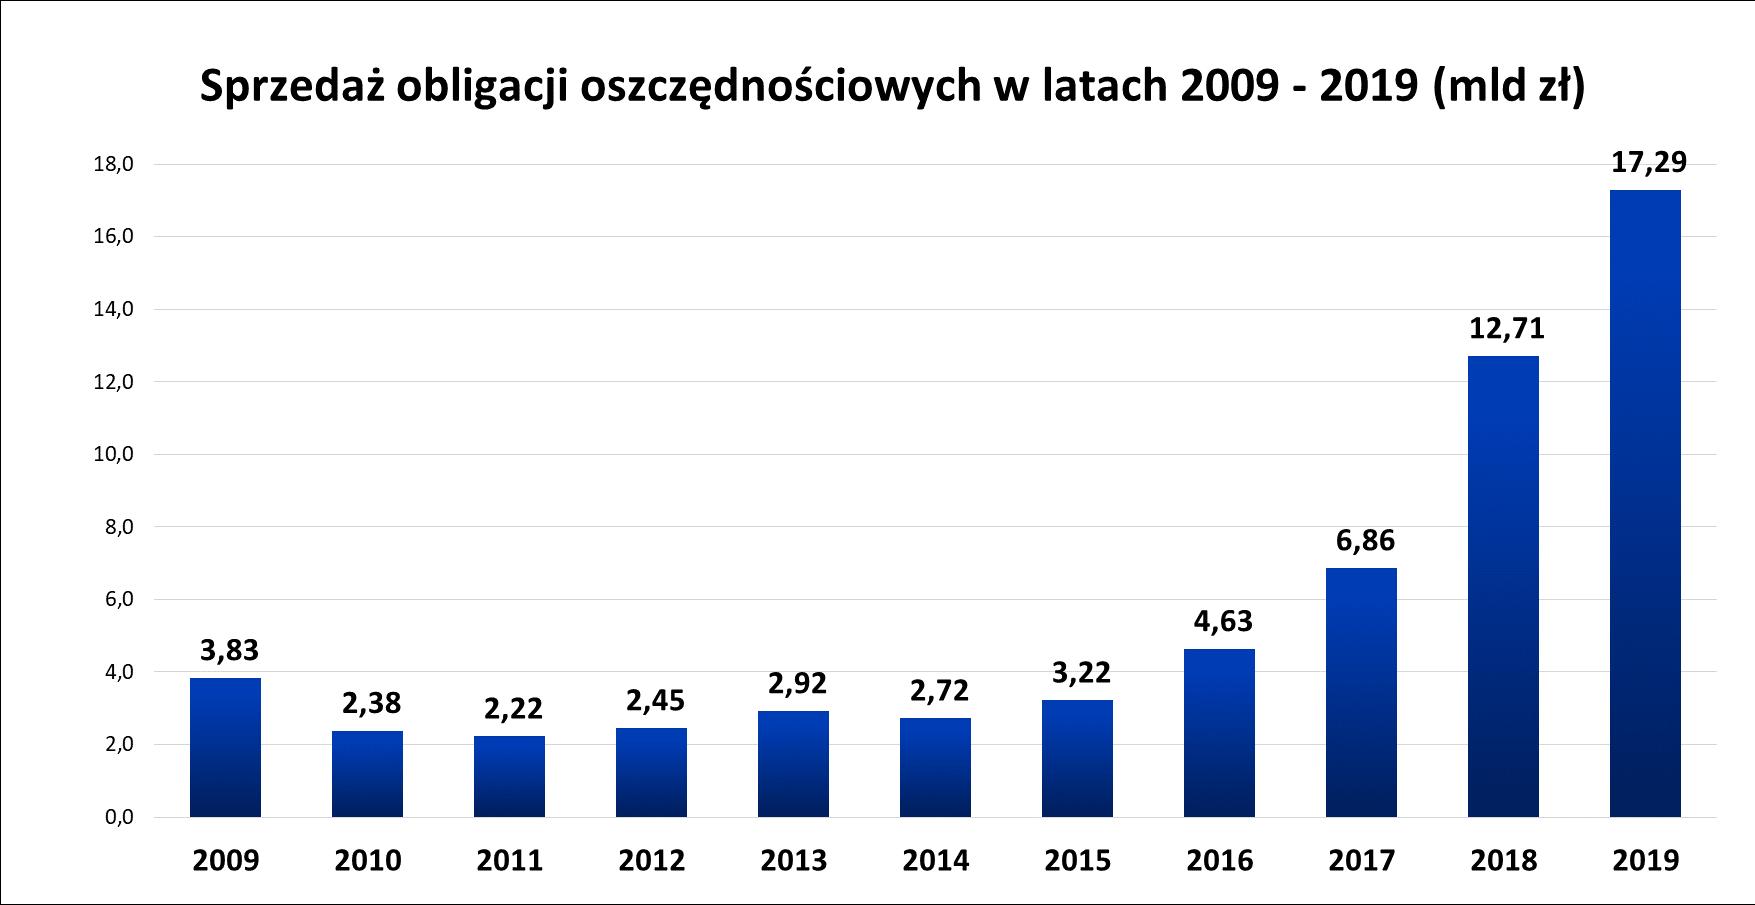 Graf słupkowy przedstawiający sprzedaż obligacji oszczędnościowych w latach 2009 - 2019 (mld)